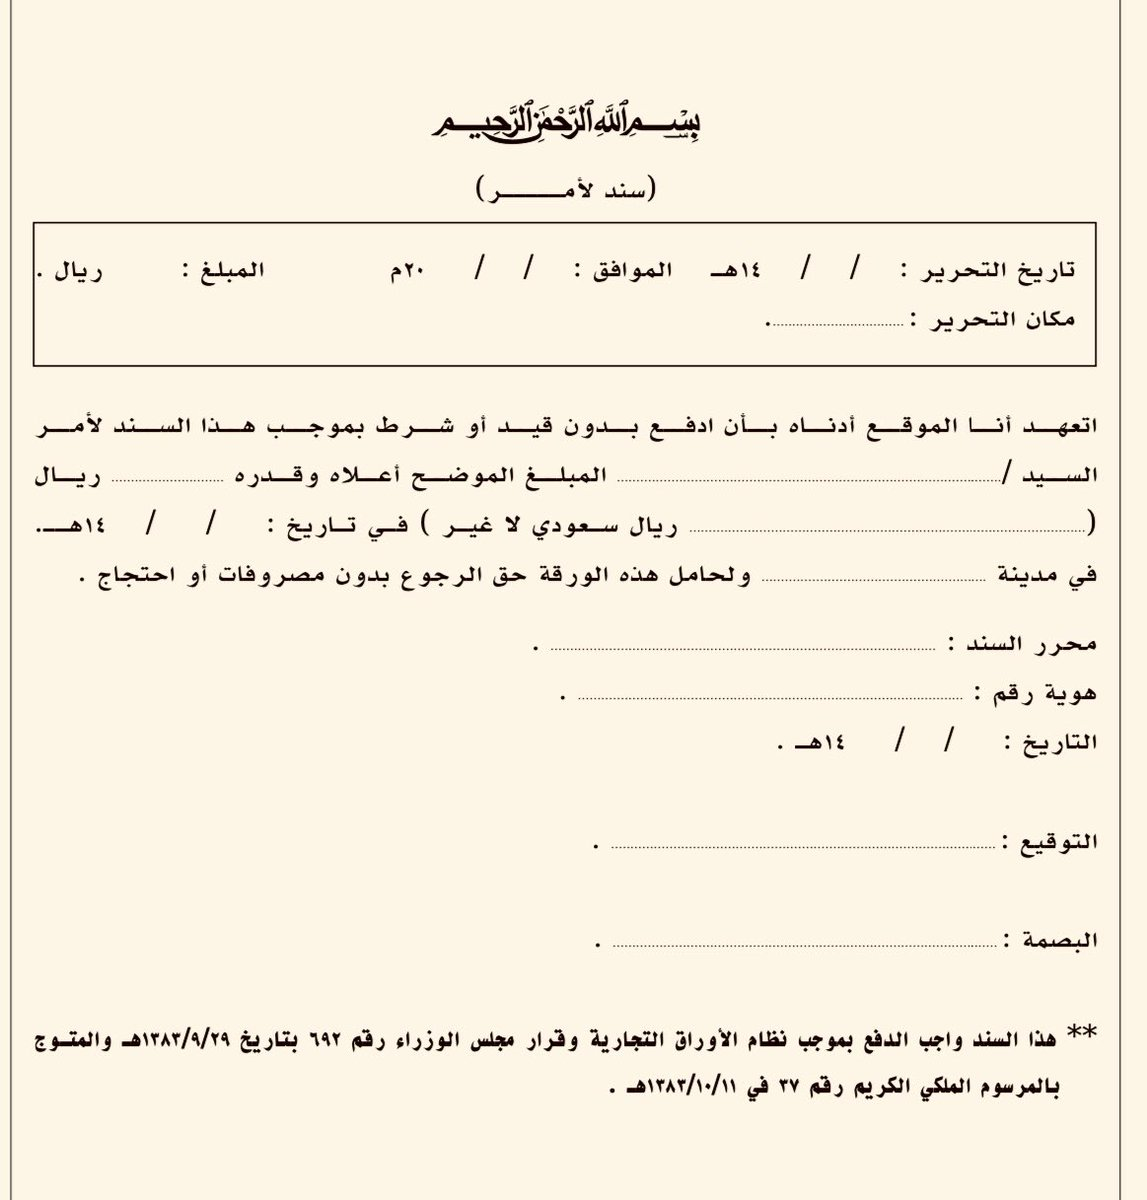 المحامي عبد الرحمن العبداللطيف No Twitter نموذج سند لأمر دعوى في طعن في قرار هيئة تحكيم برفض طلب رد عضو هيئتها الامر الذي قررت معه دائرة الإستئناف التجارية الغاء قرار